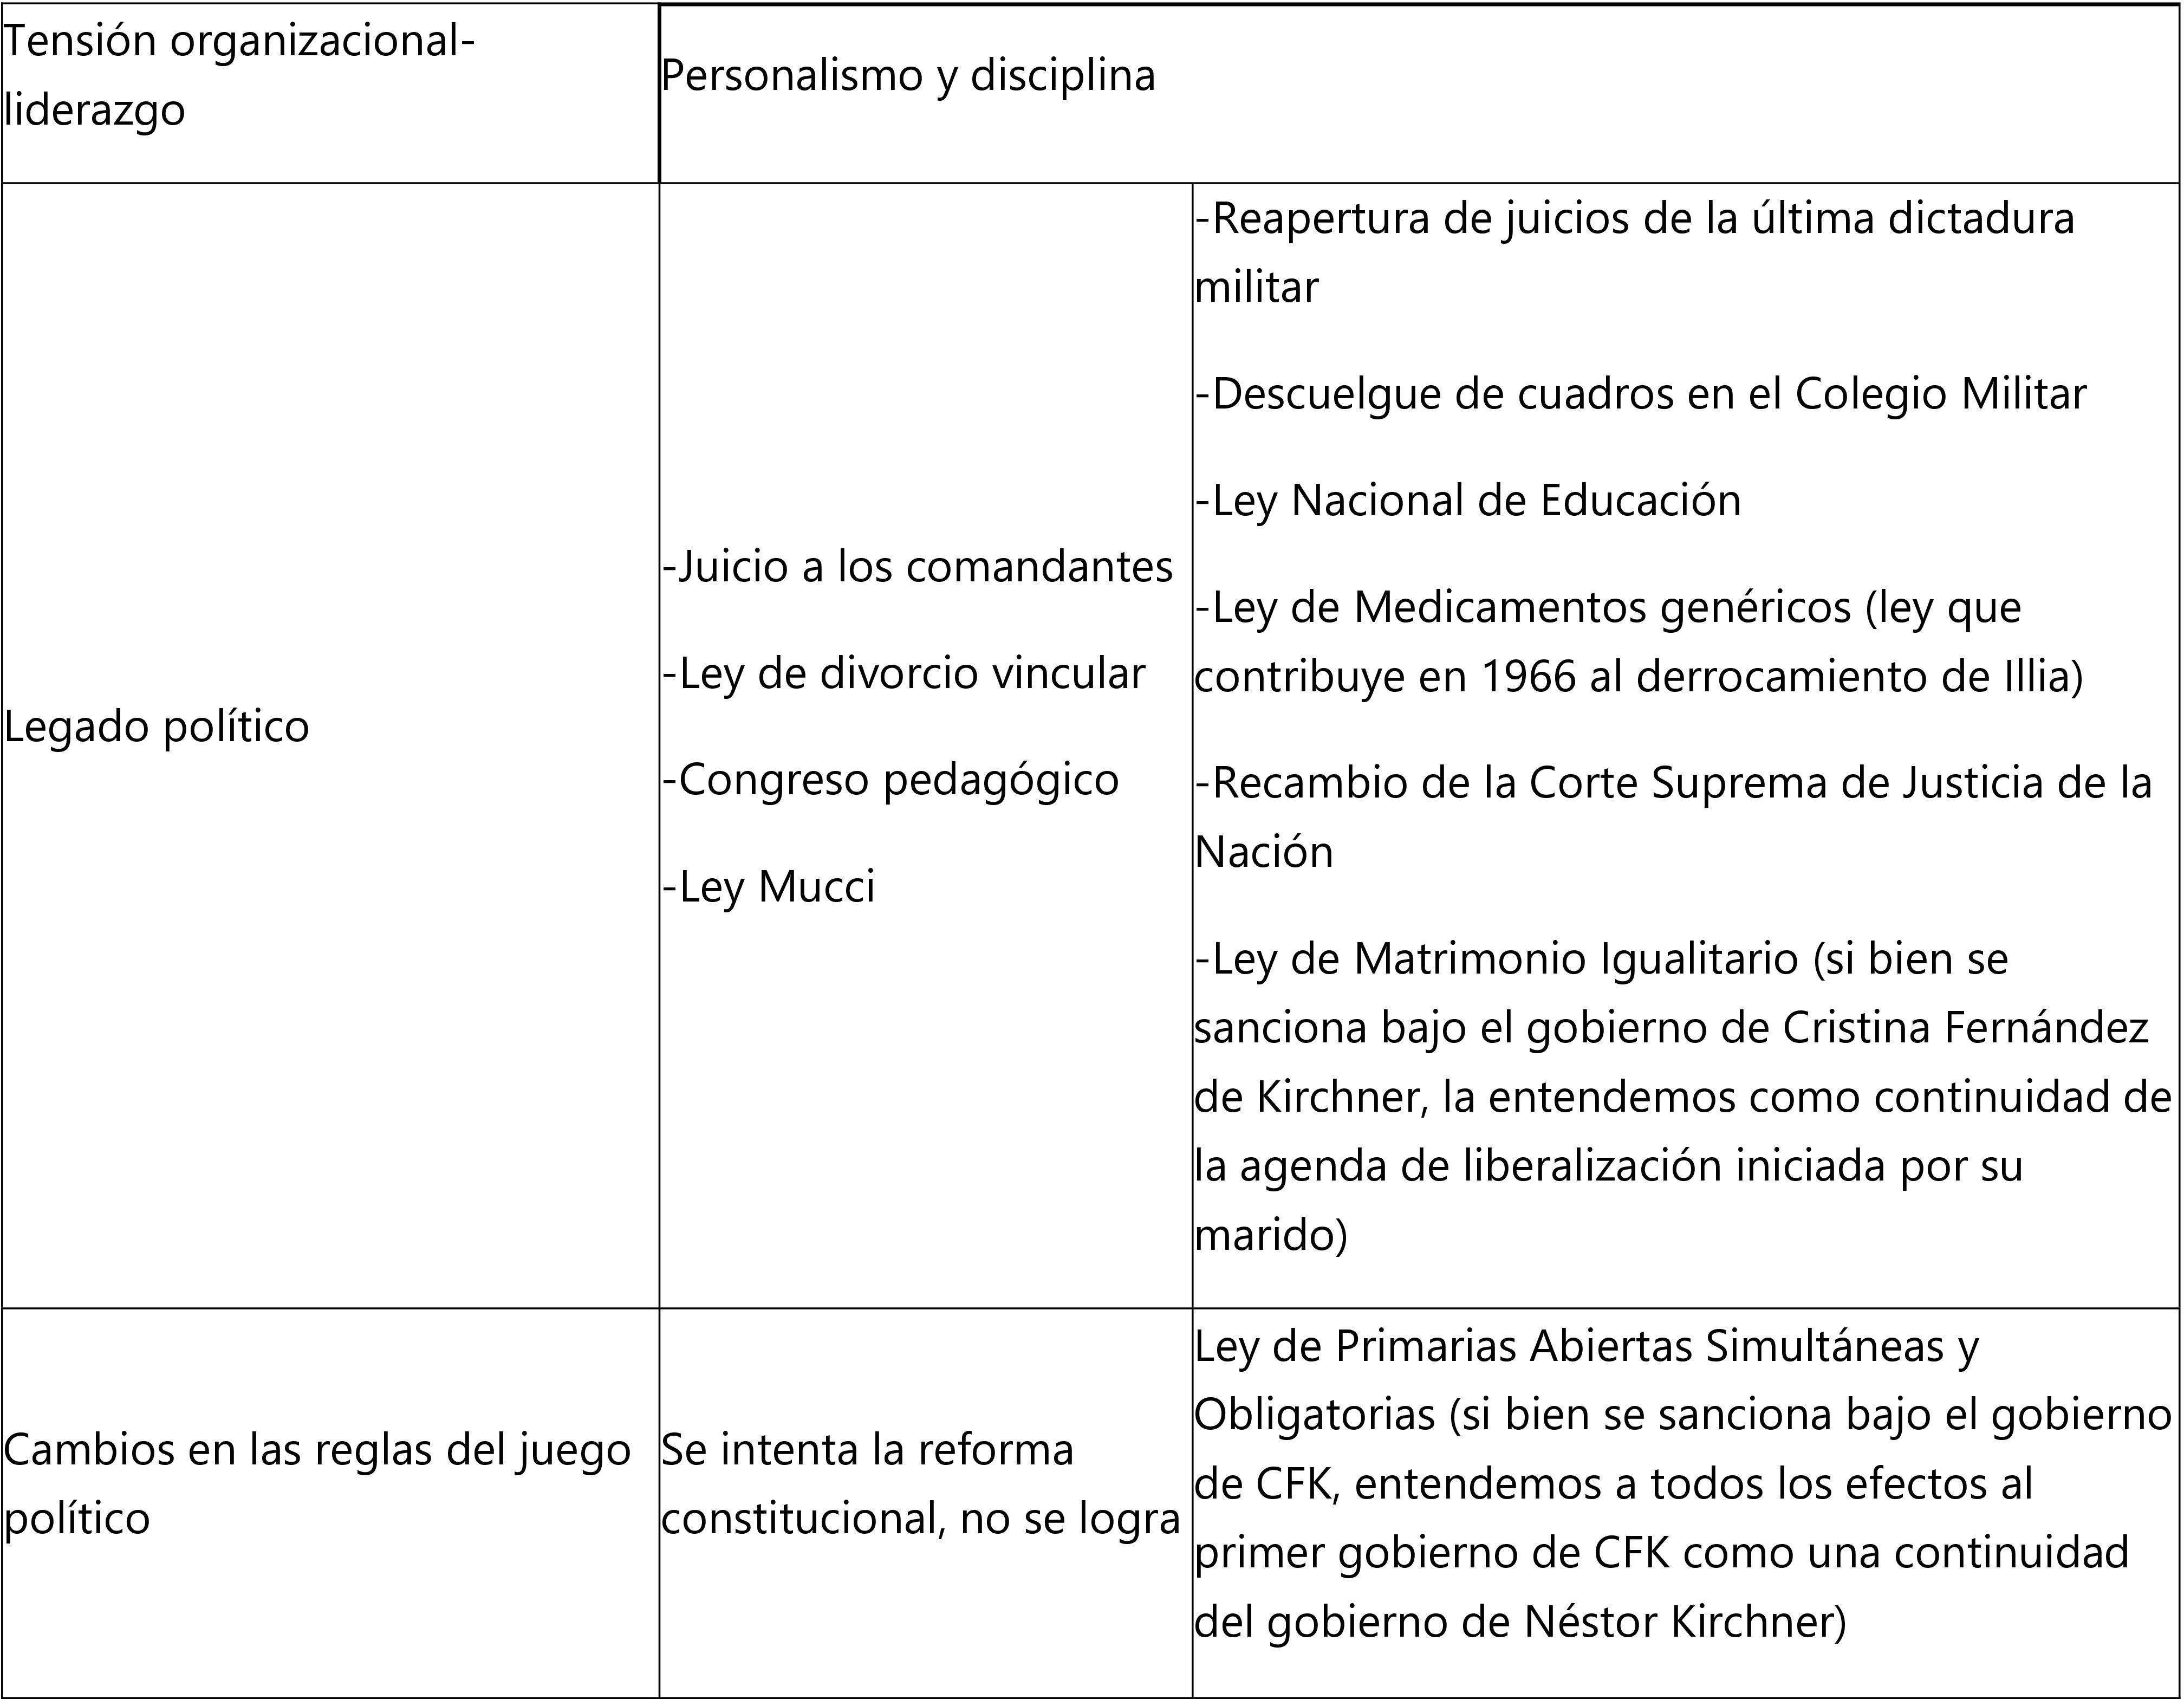 tabla-cap-1_Laura2-2_c